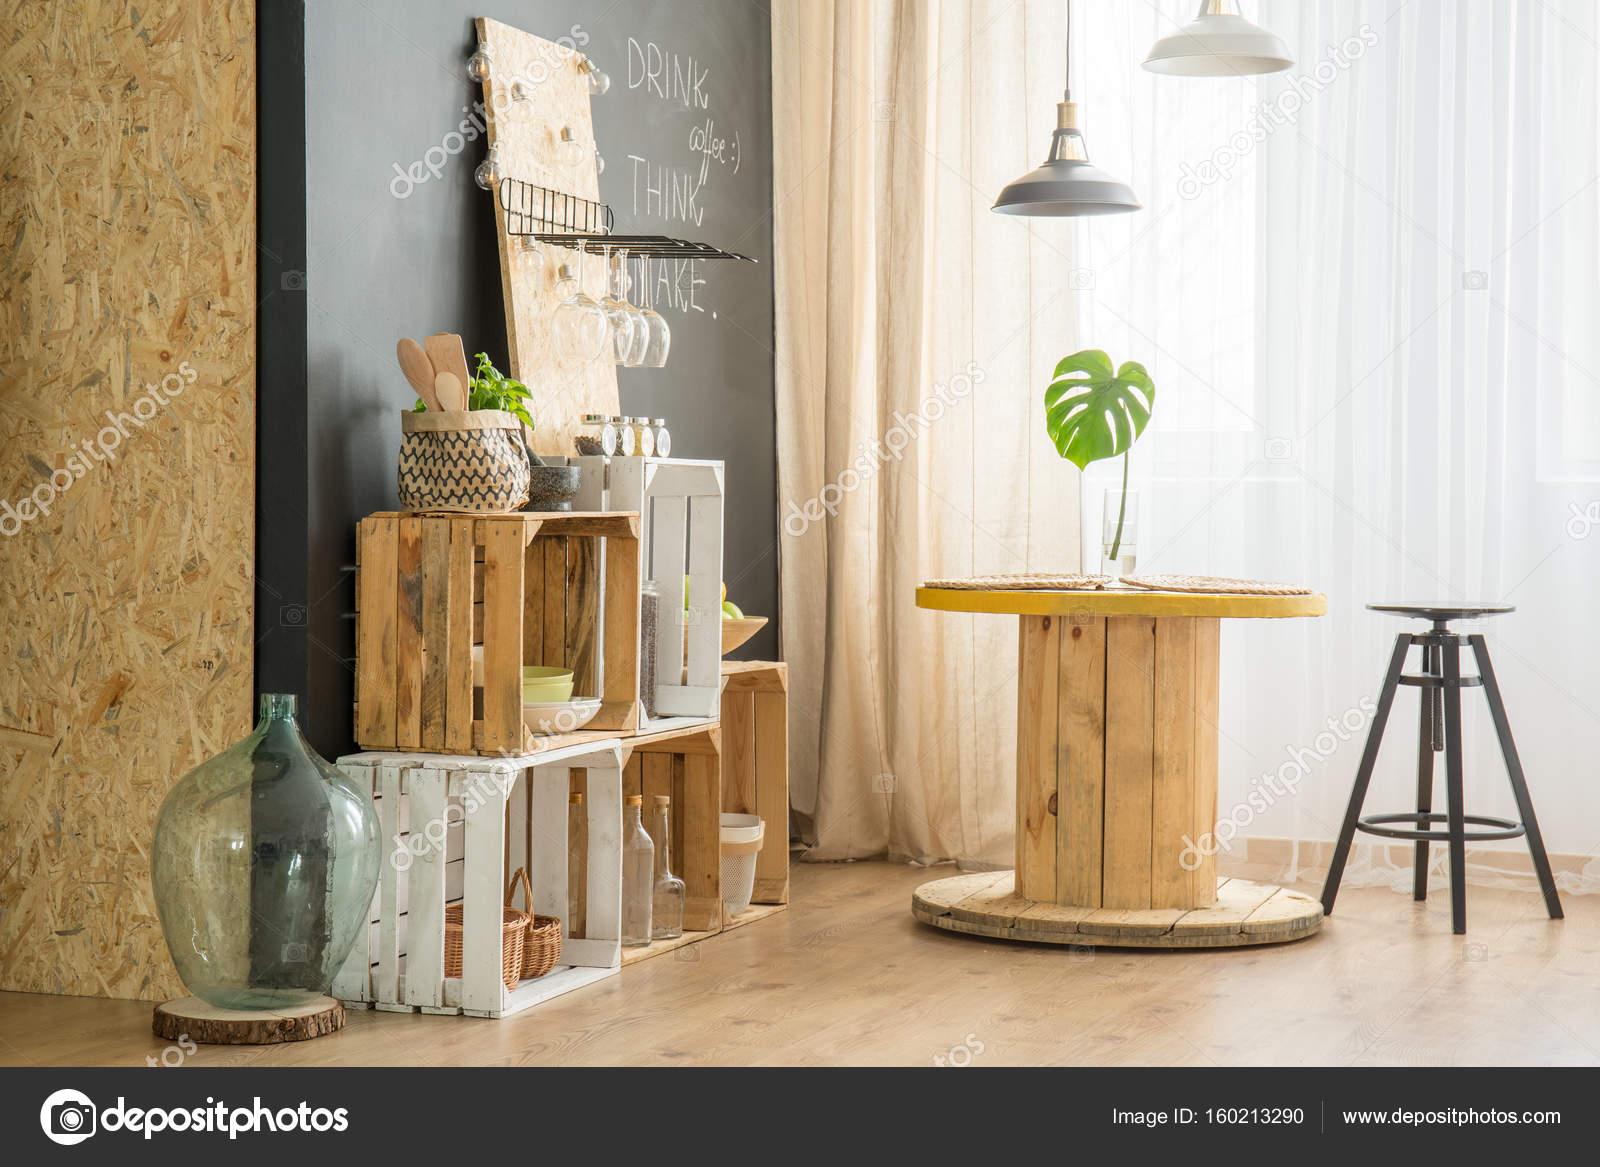 Einzigartig Diy Möbel Das Beste Von Diy-möbel Aus Holzkisten In Trendige Öko-café —